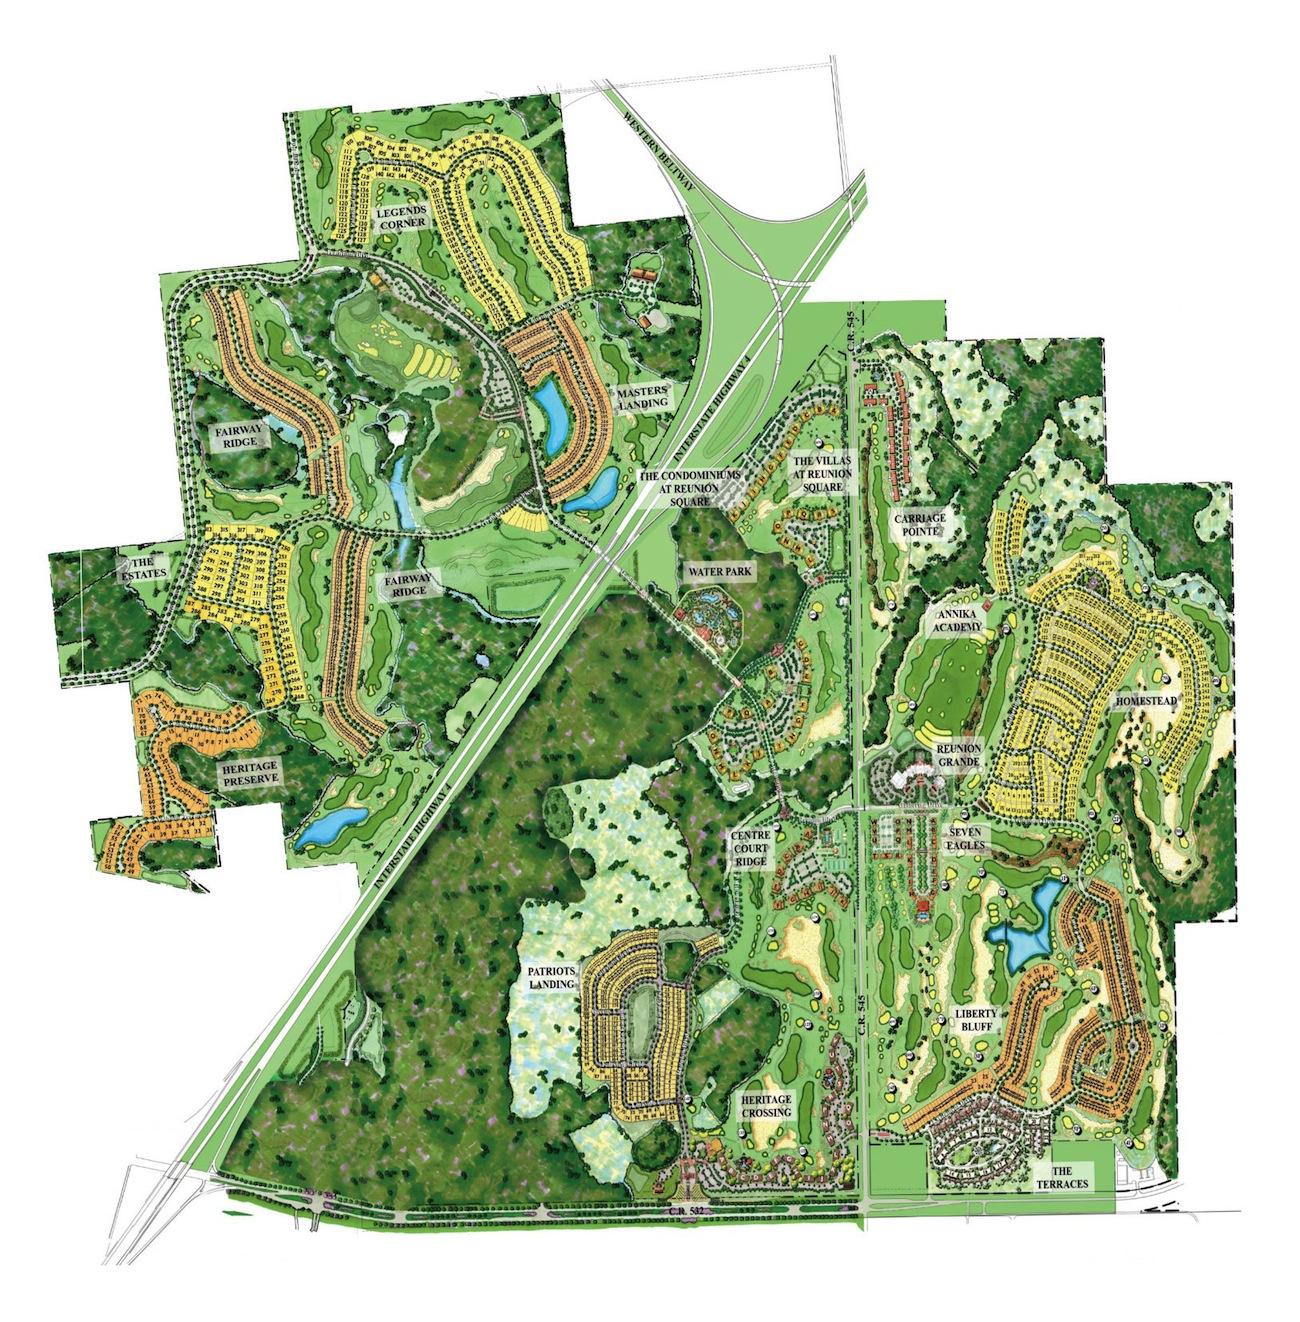 Reunion Resort Communities Neighbourhoods - Where To Stay - Reunion - Reunion Florida Map